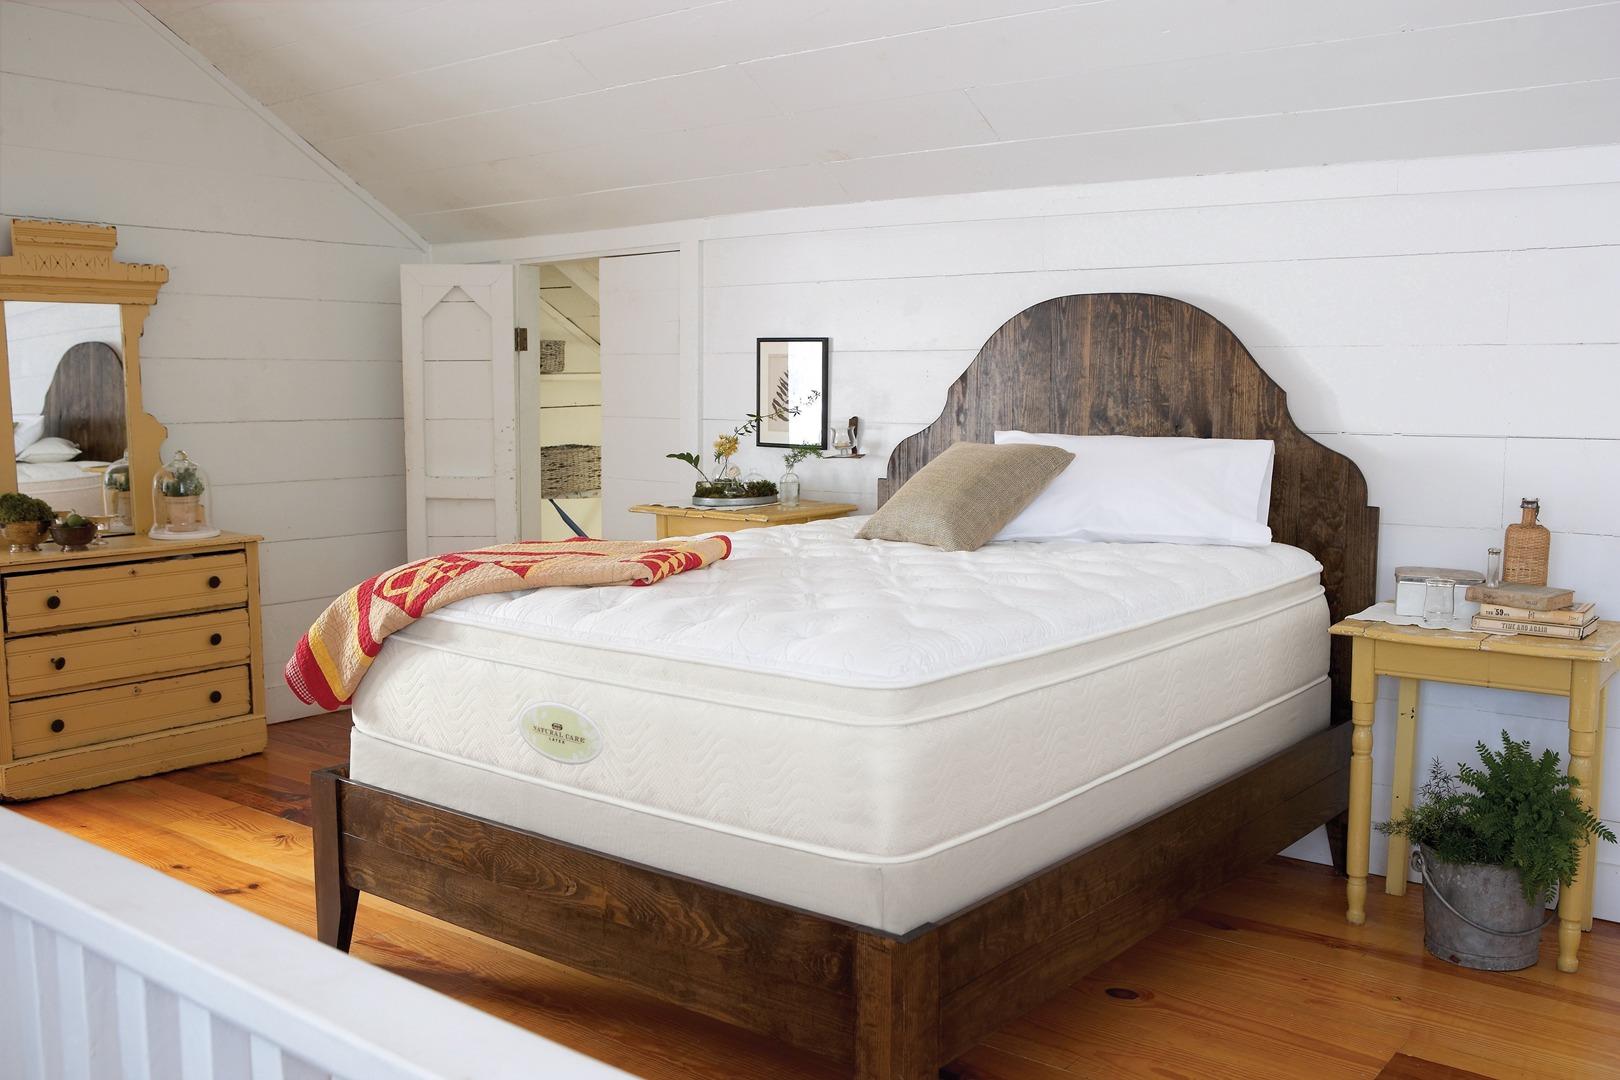 j&k furniture mattress stores phoenix